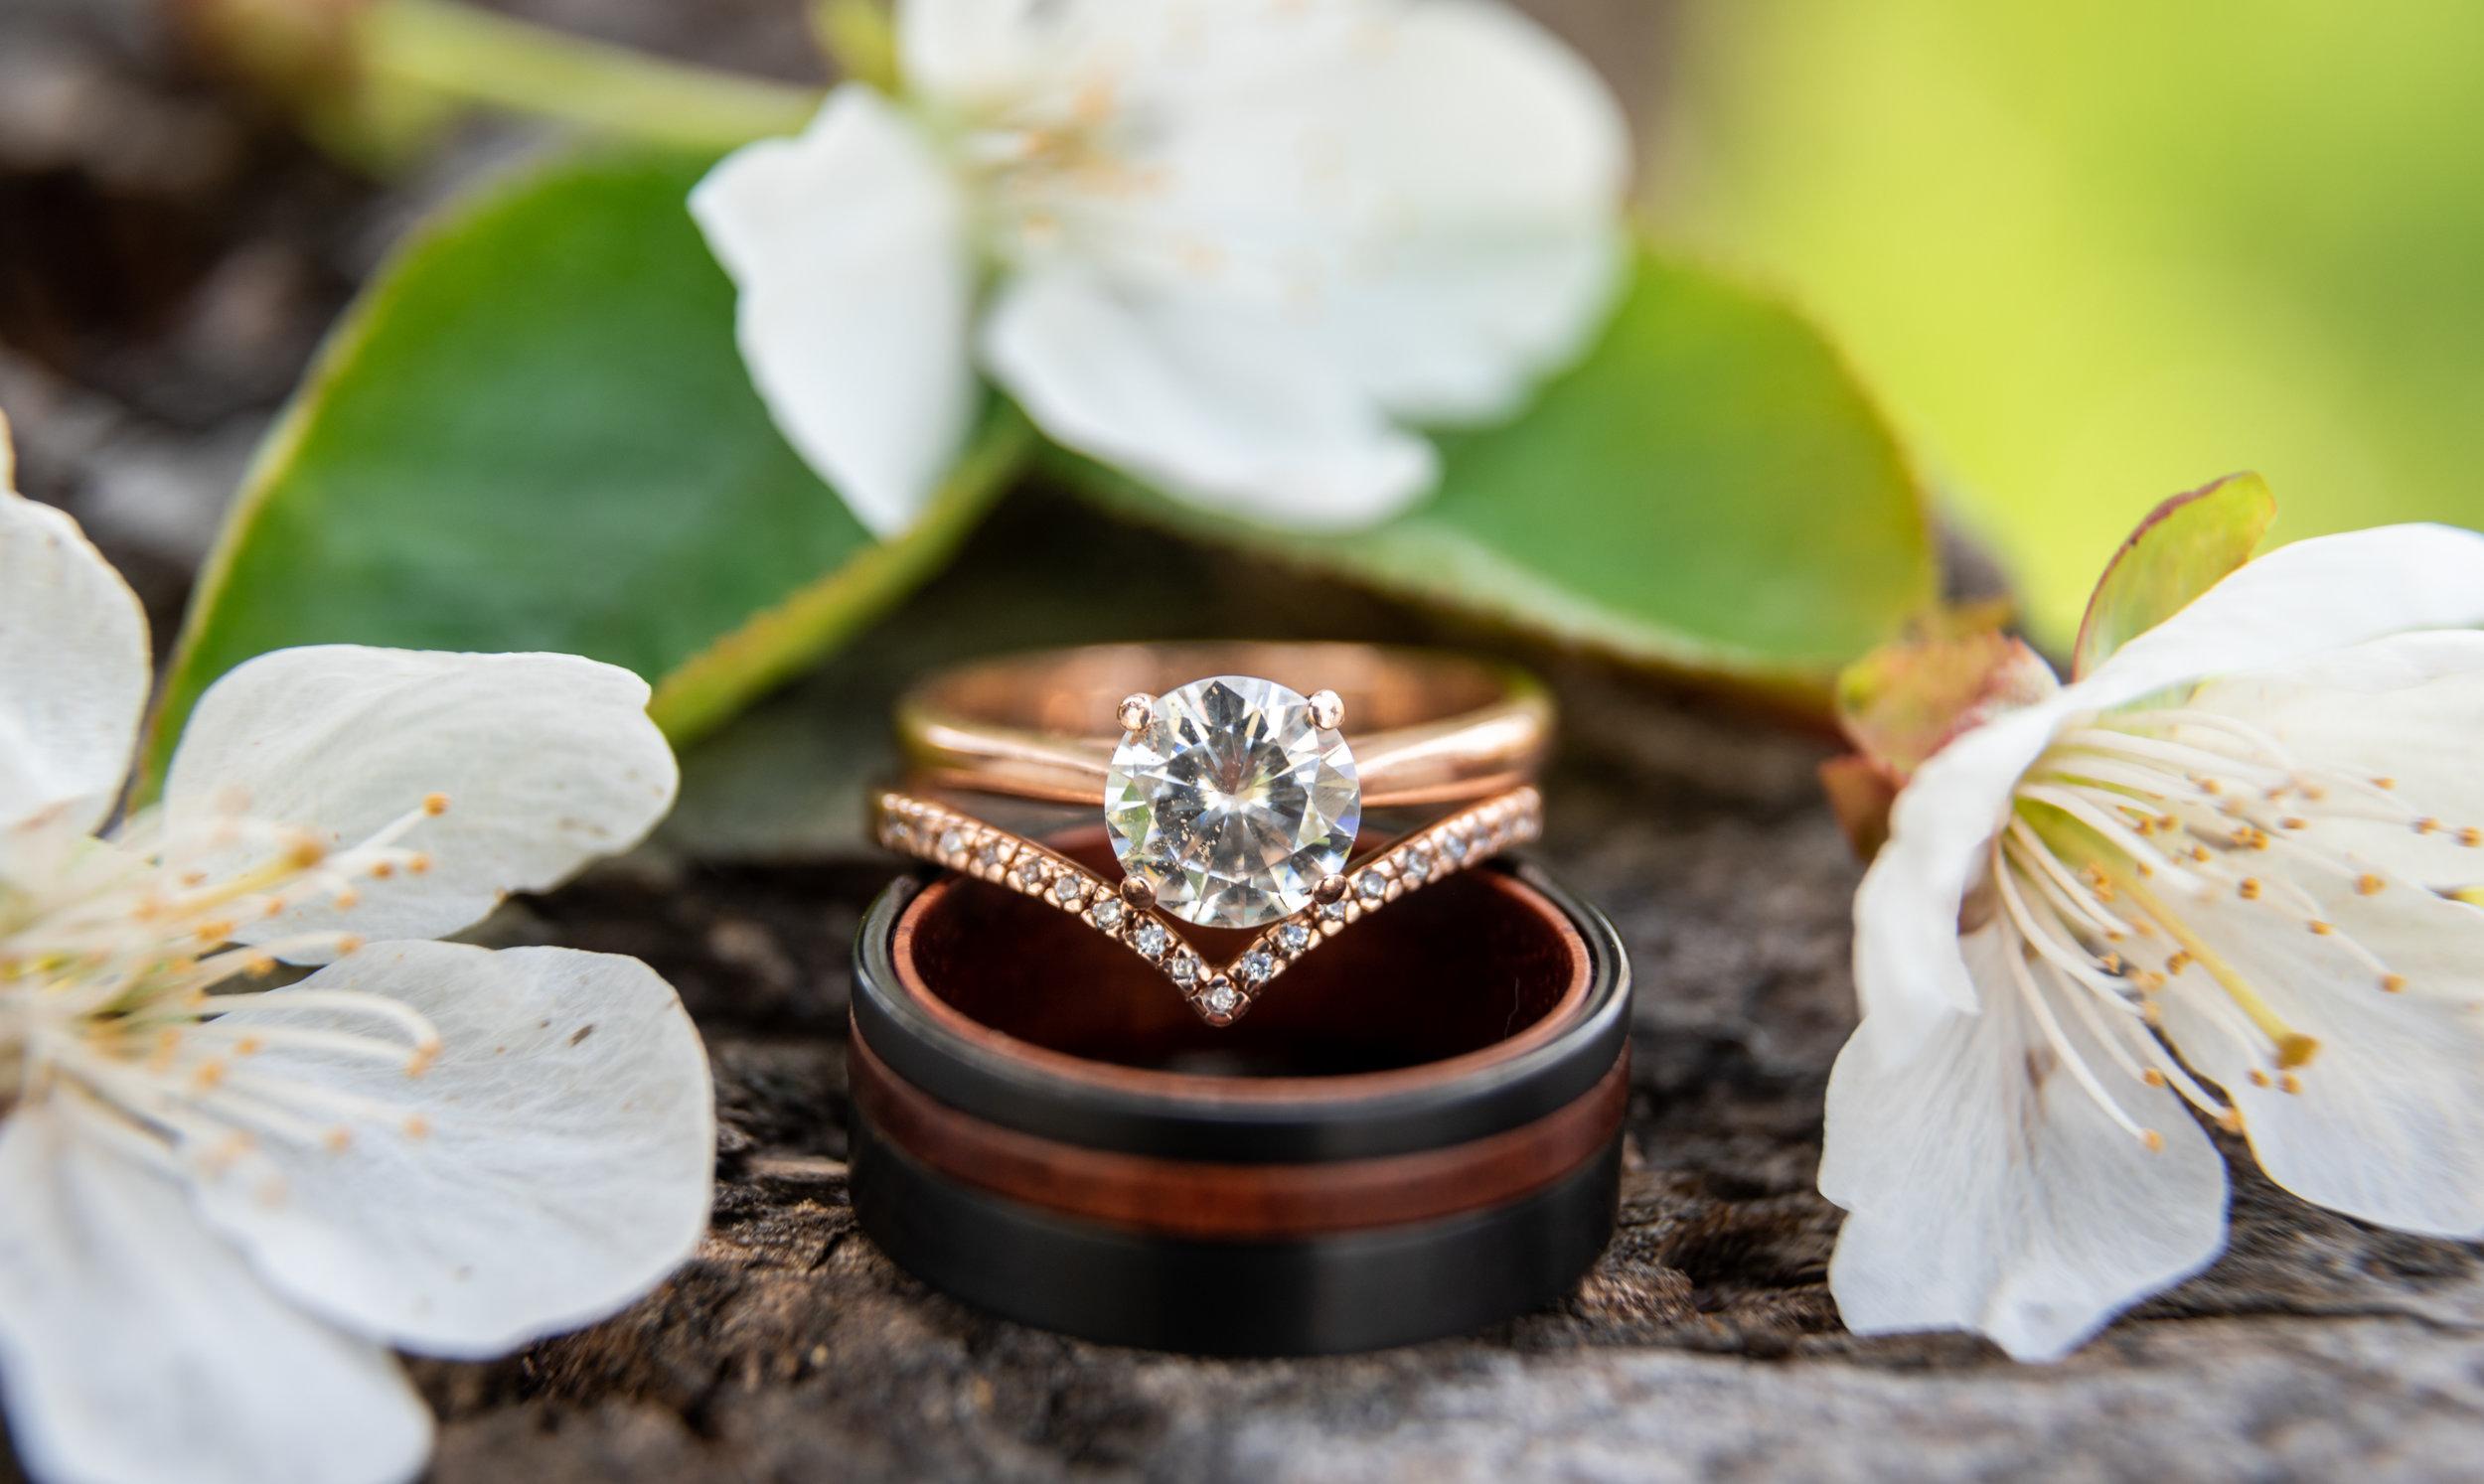 Spokane green bluff wedding dress bride rings